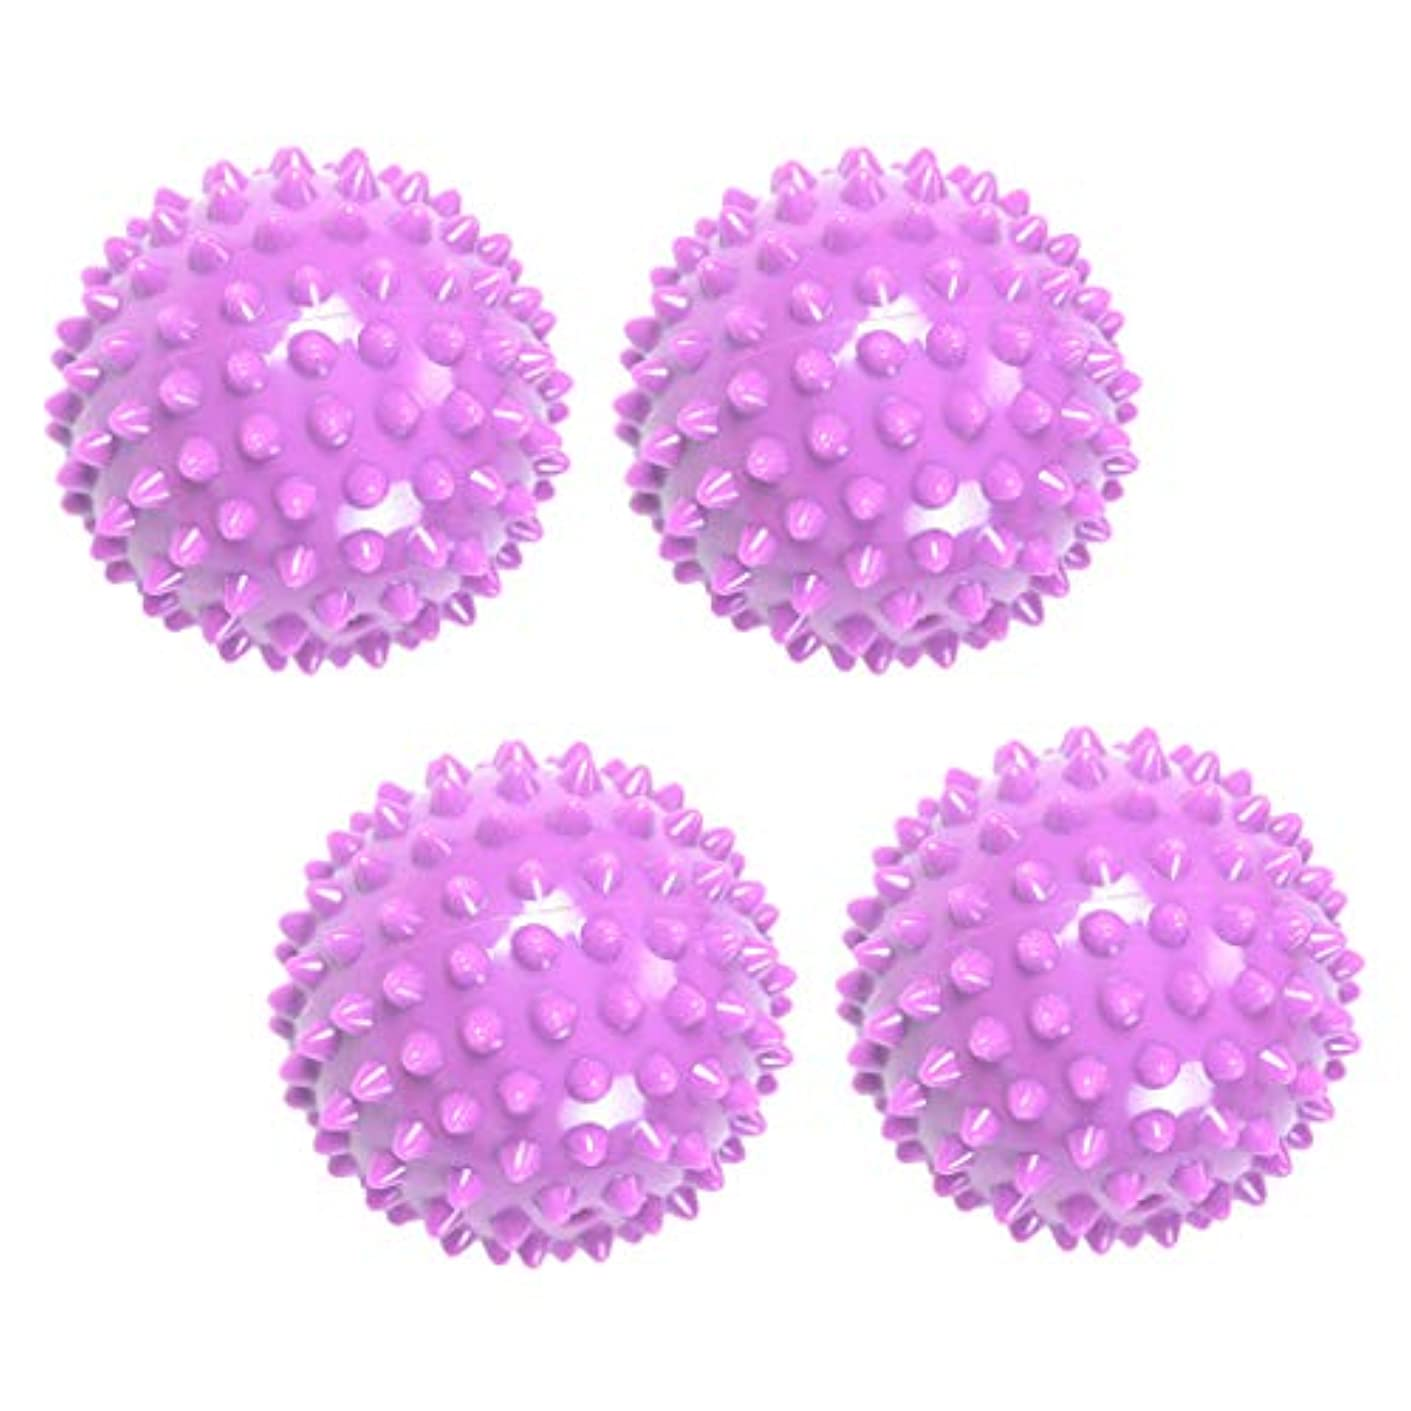 入力パスタ物理学者マッサージボール リフレックスボール 触覚ボール ツボ 刺激 マッサージ 突起 健康用品 4個入り